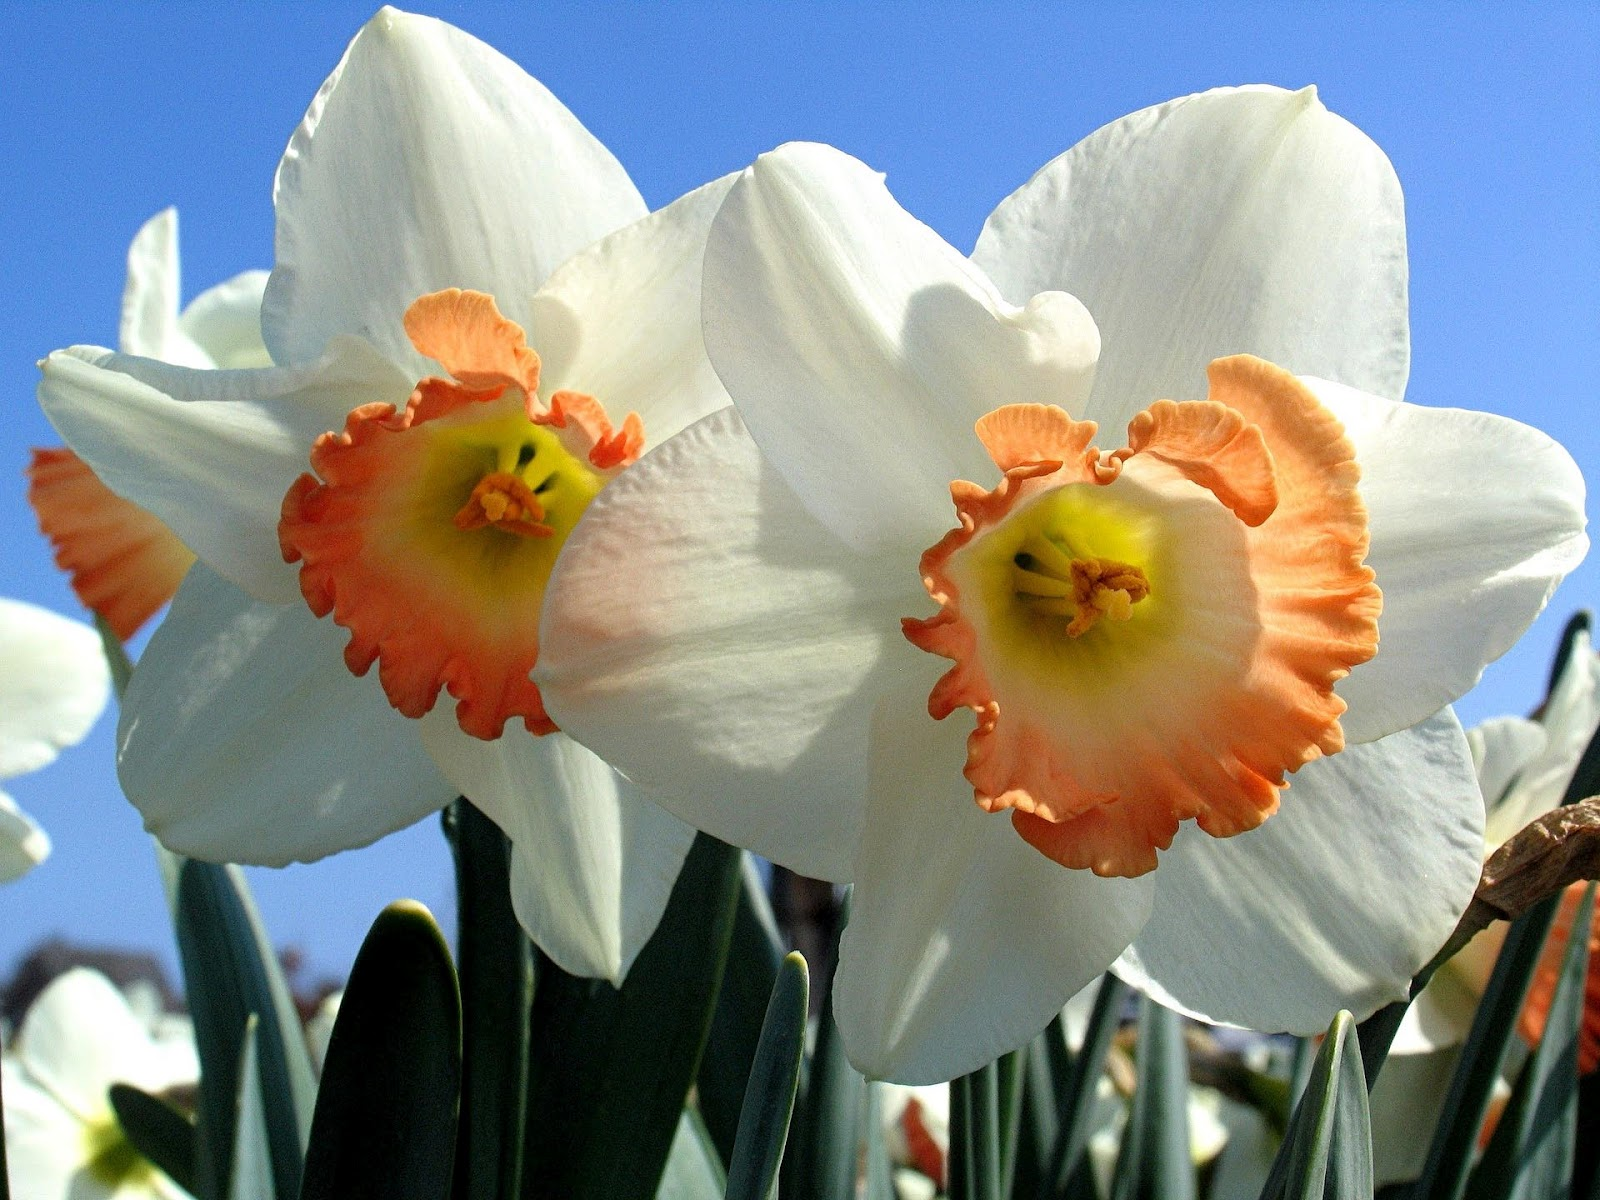 lente achtergronden hd - photo #37